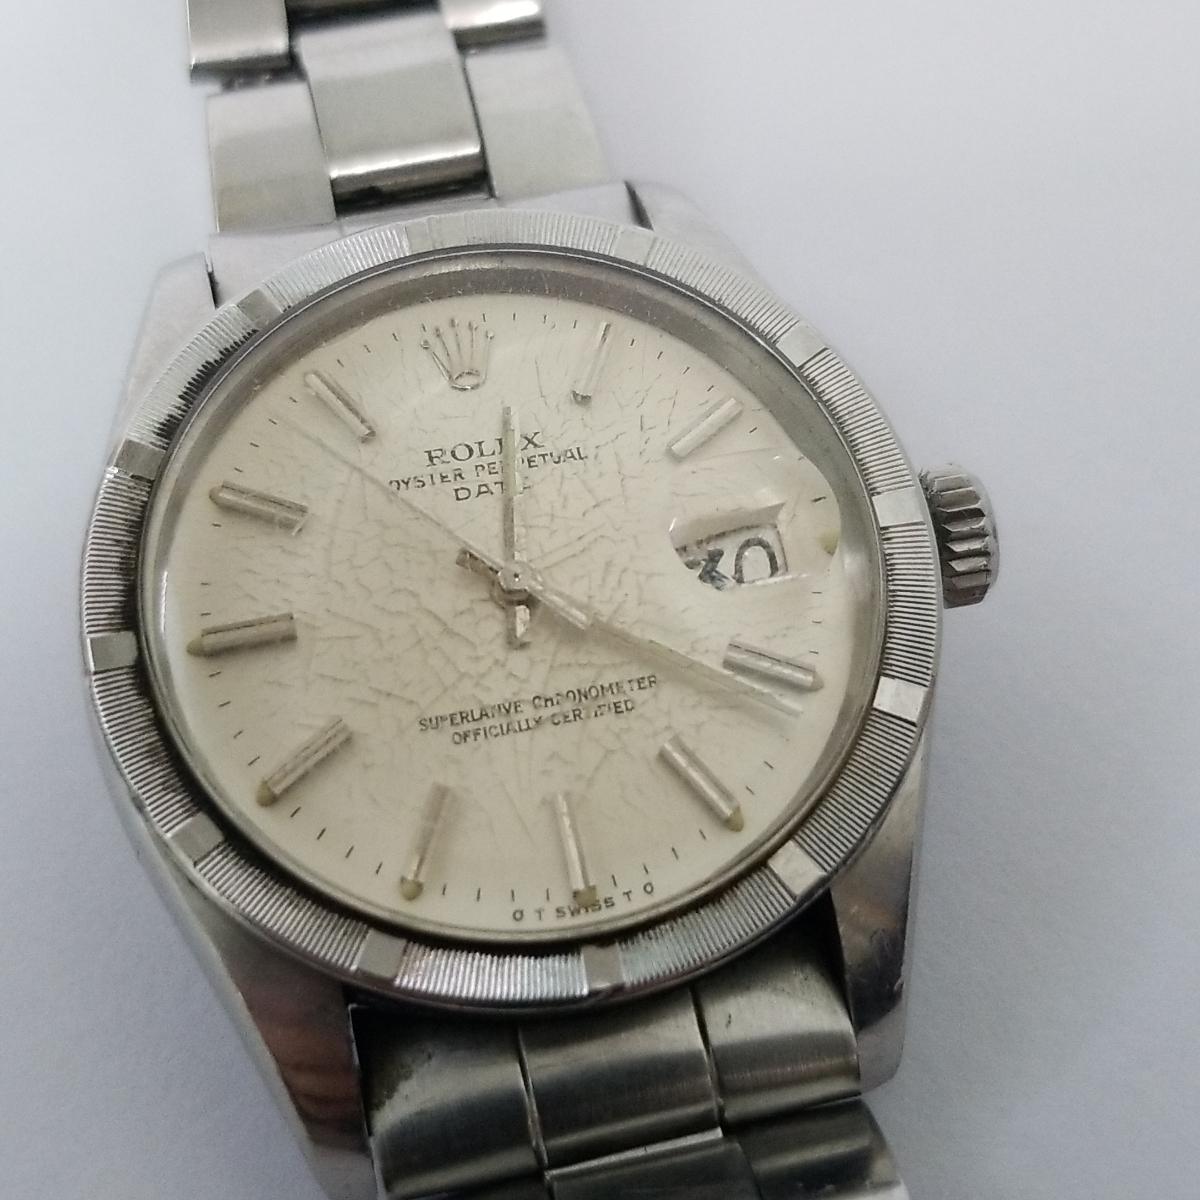 本物 ROLEX ロレックス オイスターパーペチュアル デイト メンズ オートマ 腕時計 1501 ROLEX Oyster Perpetual Date 稼動品_画像2